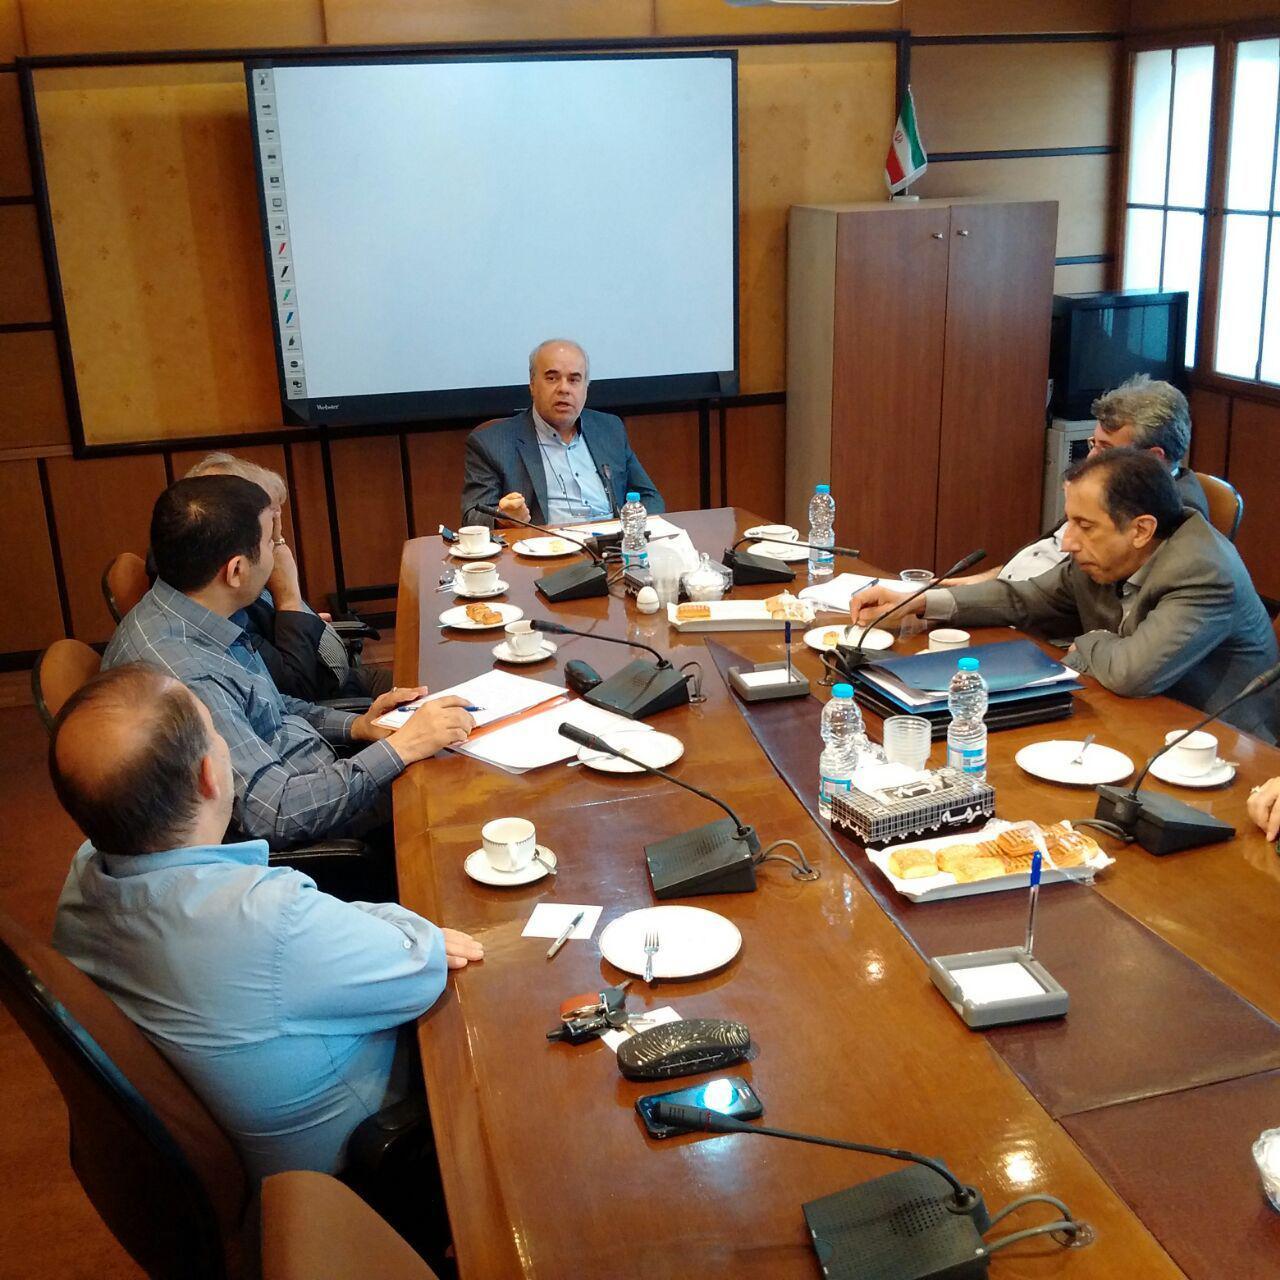 جلسه کمیته ساماندهی کاغذ مطبوعات تشکیل شد